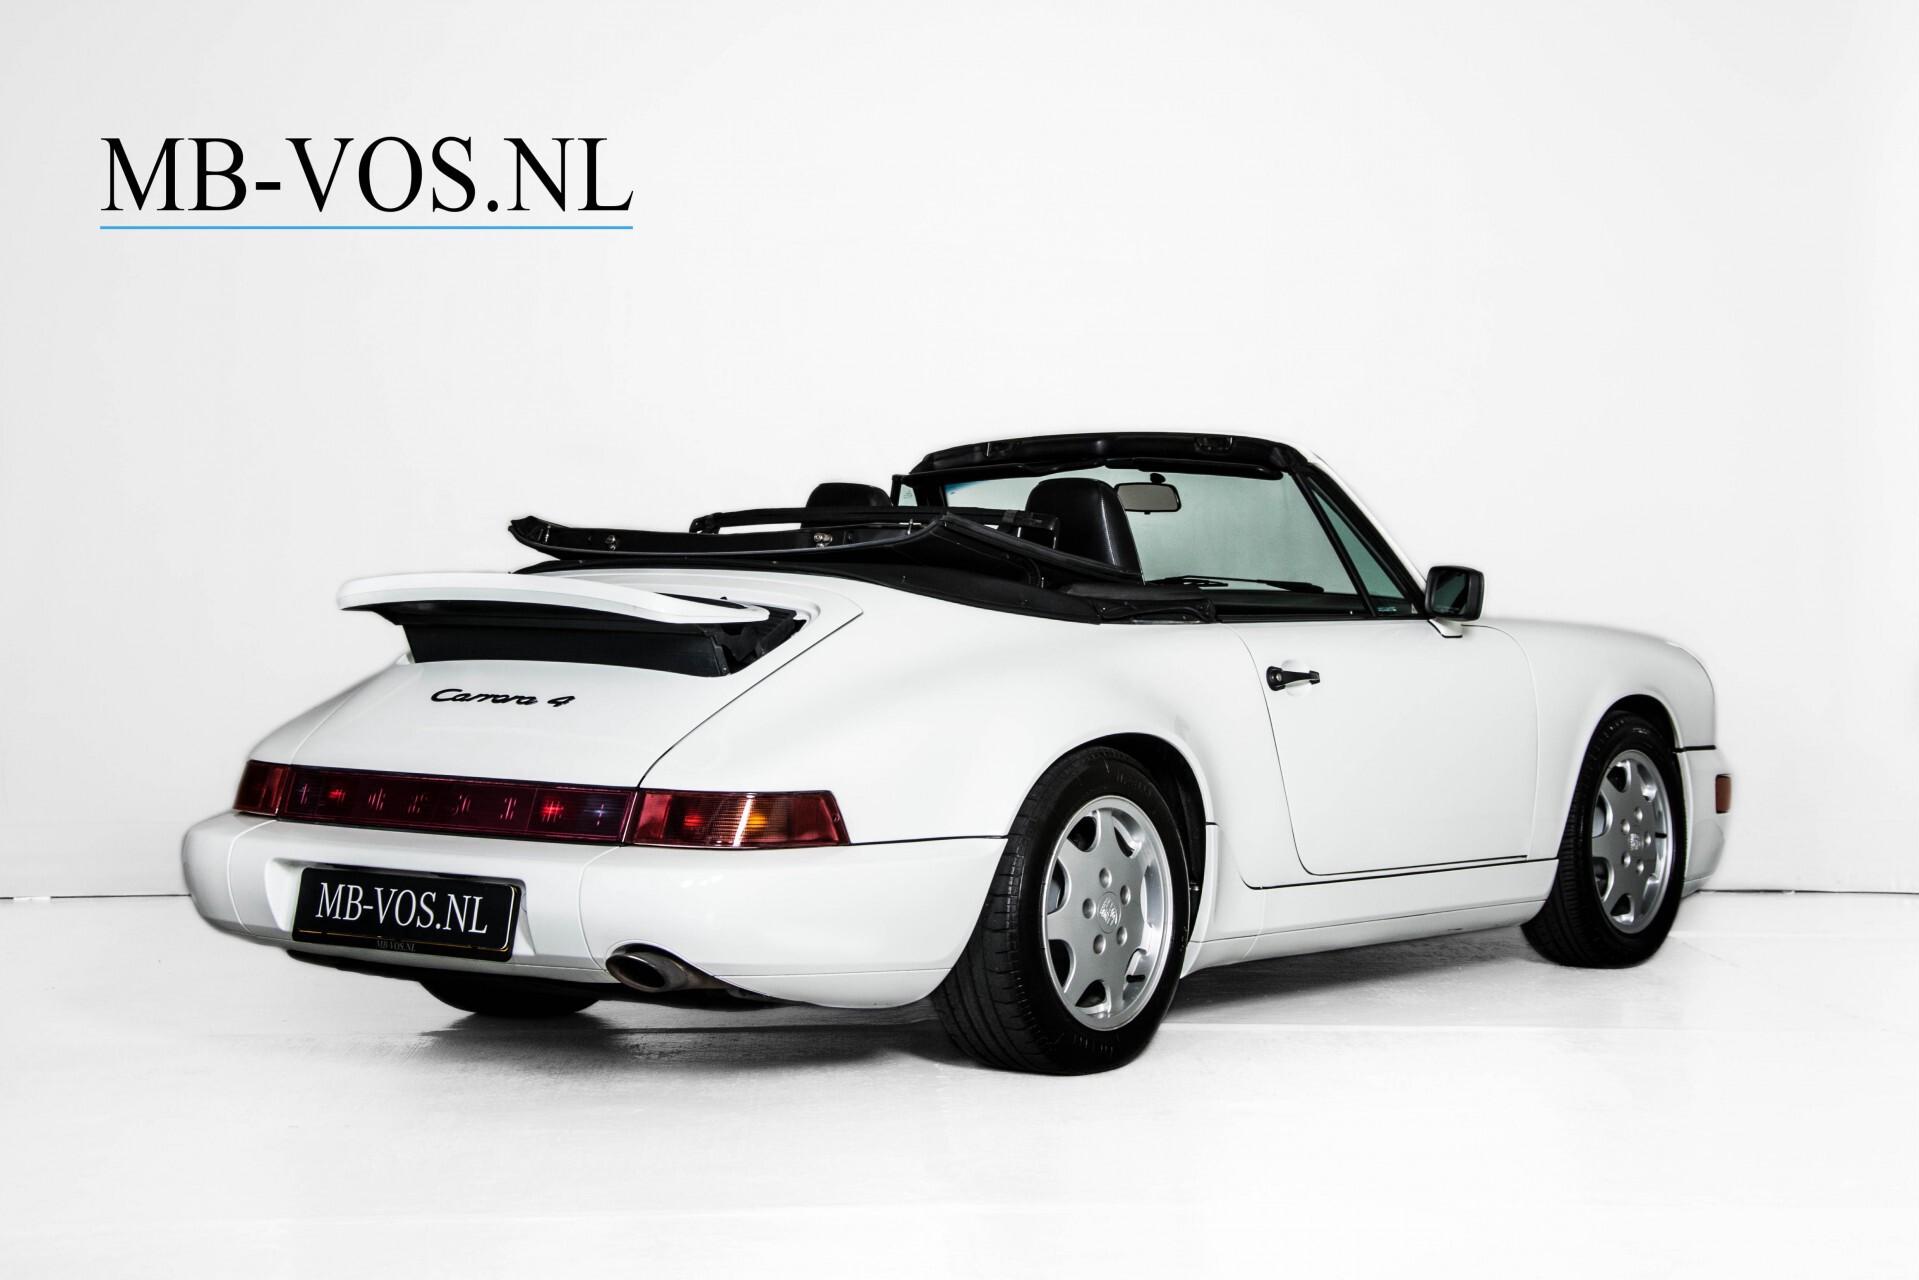 Porsche 911 Cabrio 3.6 Carrera 4 Gerestaureerd/Gedocumenteerd/Incl. BTW Foto 3